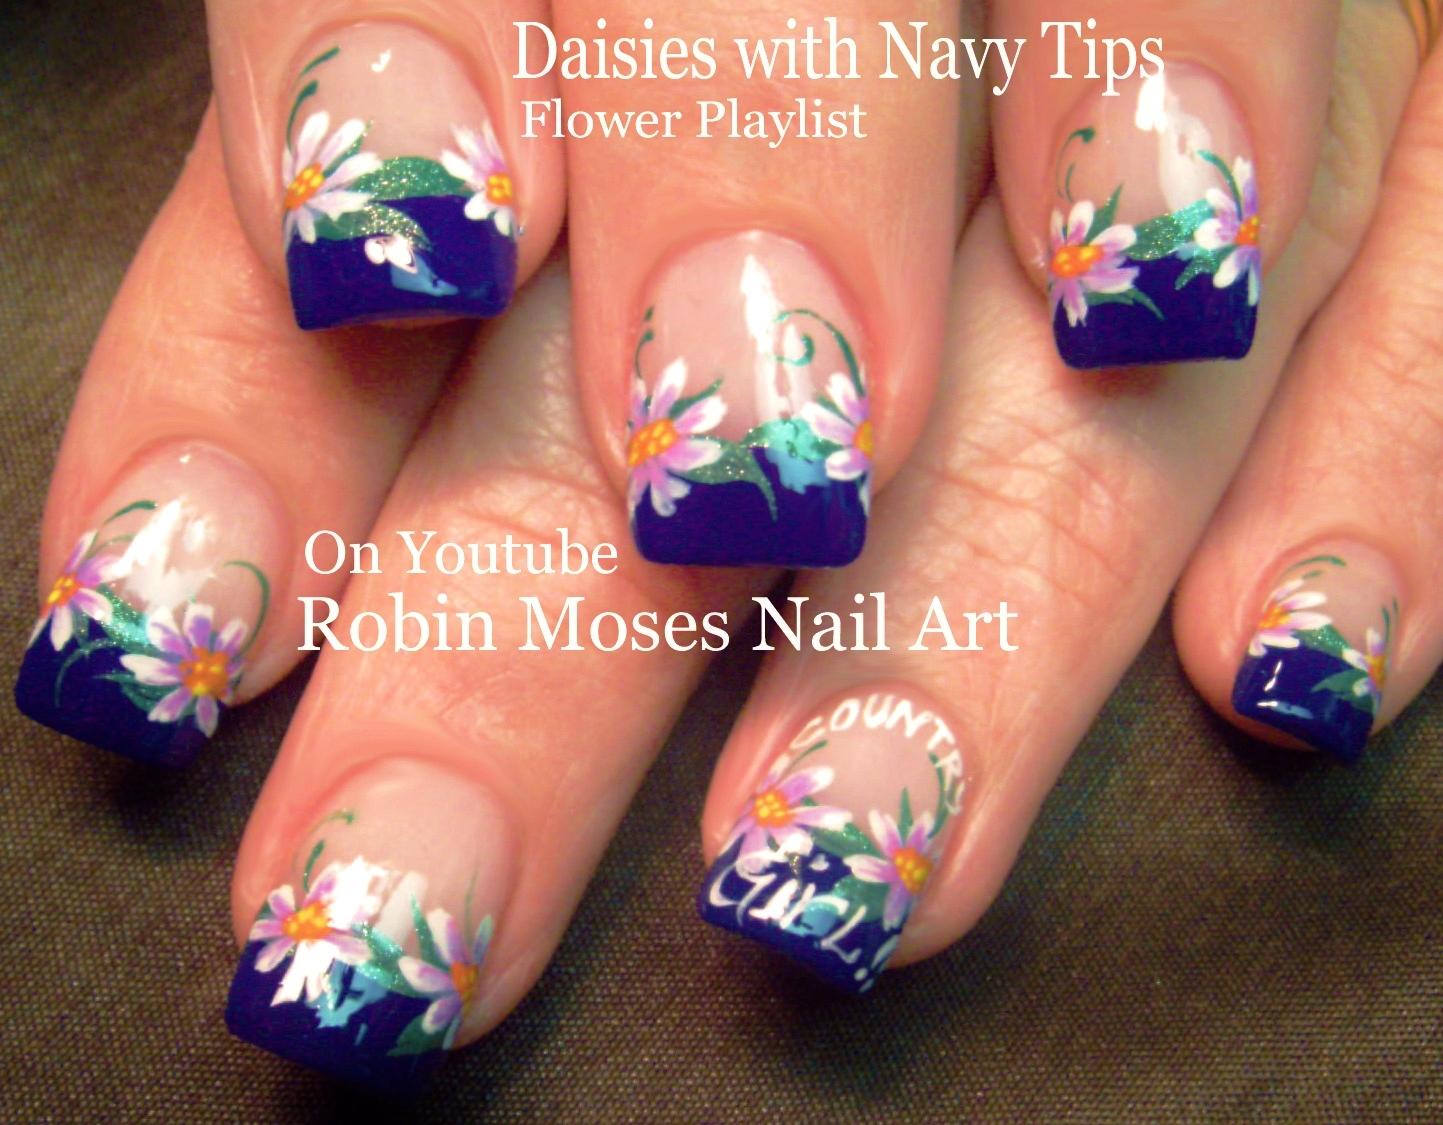 Robin Moses Nail Art 42 Daisy Nail Art Designs In My New